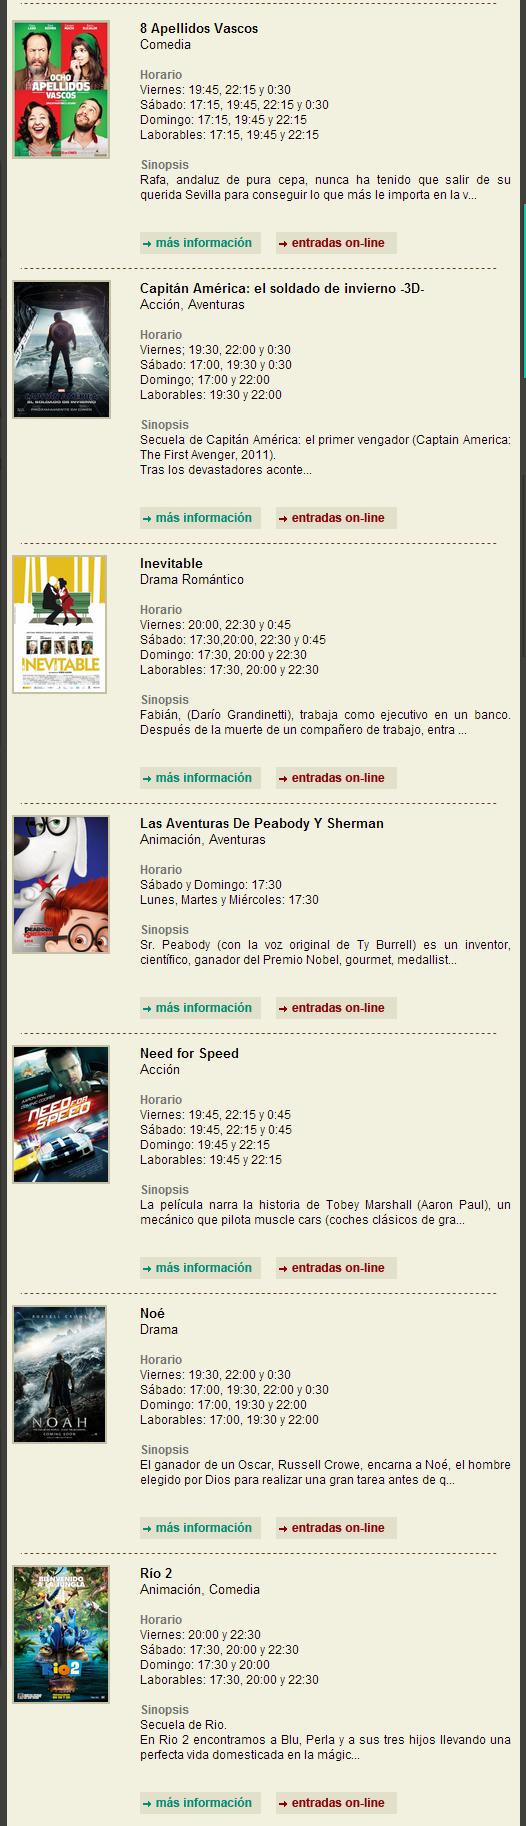 Cinemancha com - Programación Cinemancha del Viernes 11 al Miercoles 16 de Abril